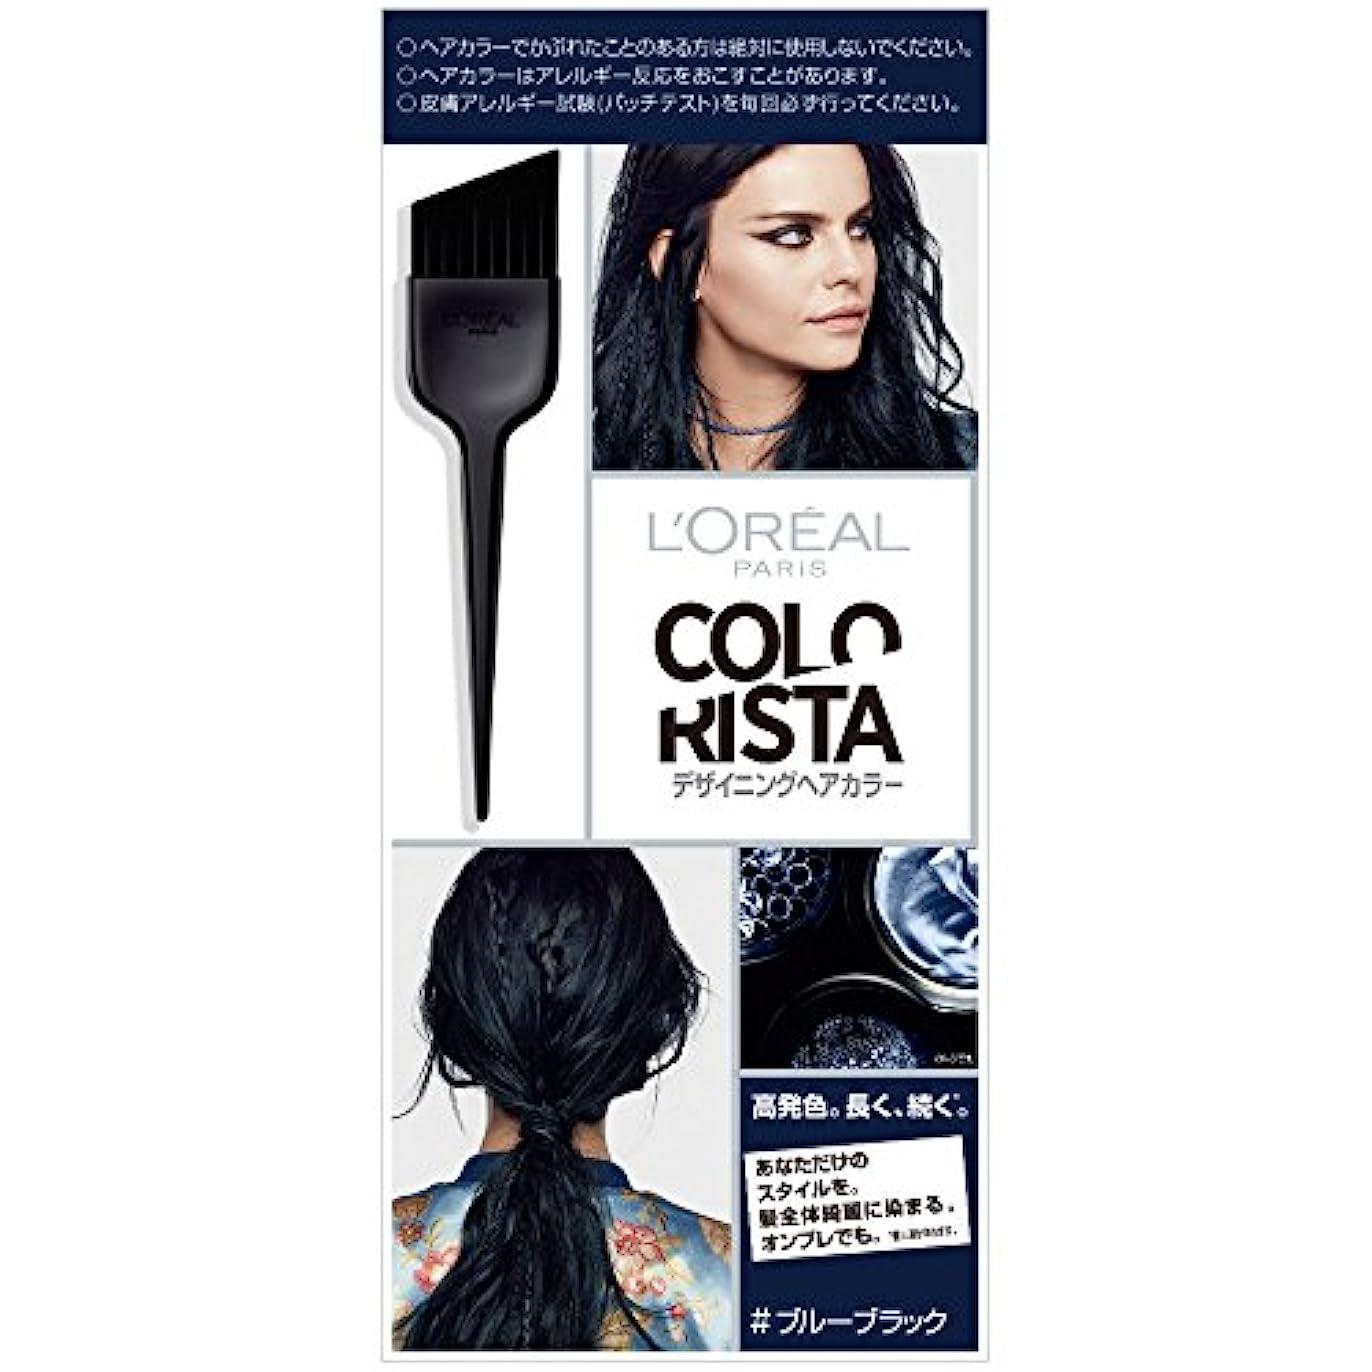 表現地元振り向くロレアル パリ カラーリスタ デザイニングヘアカラー ブルーブラック